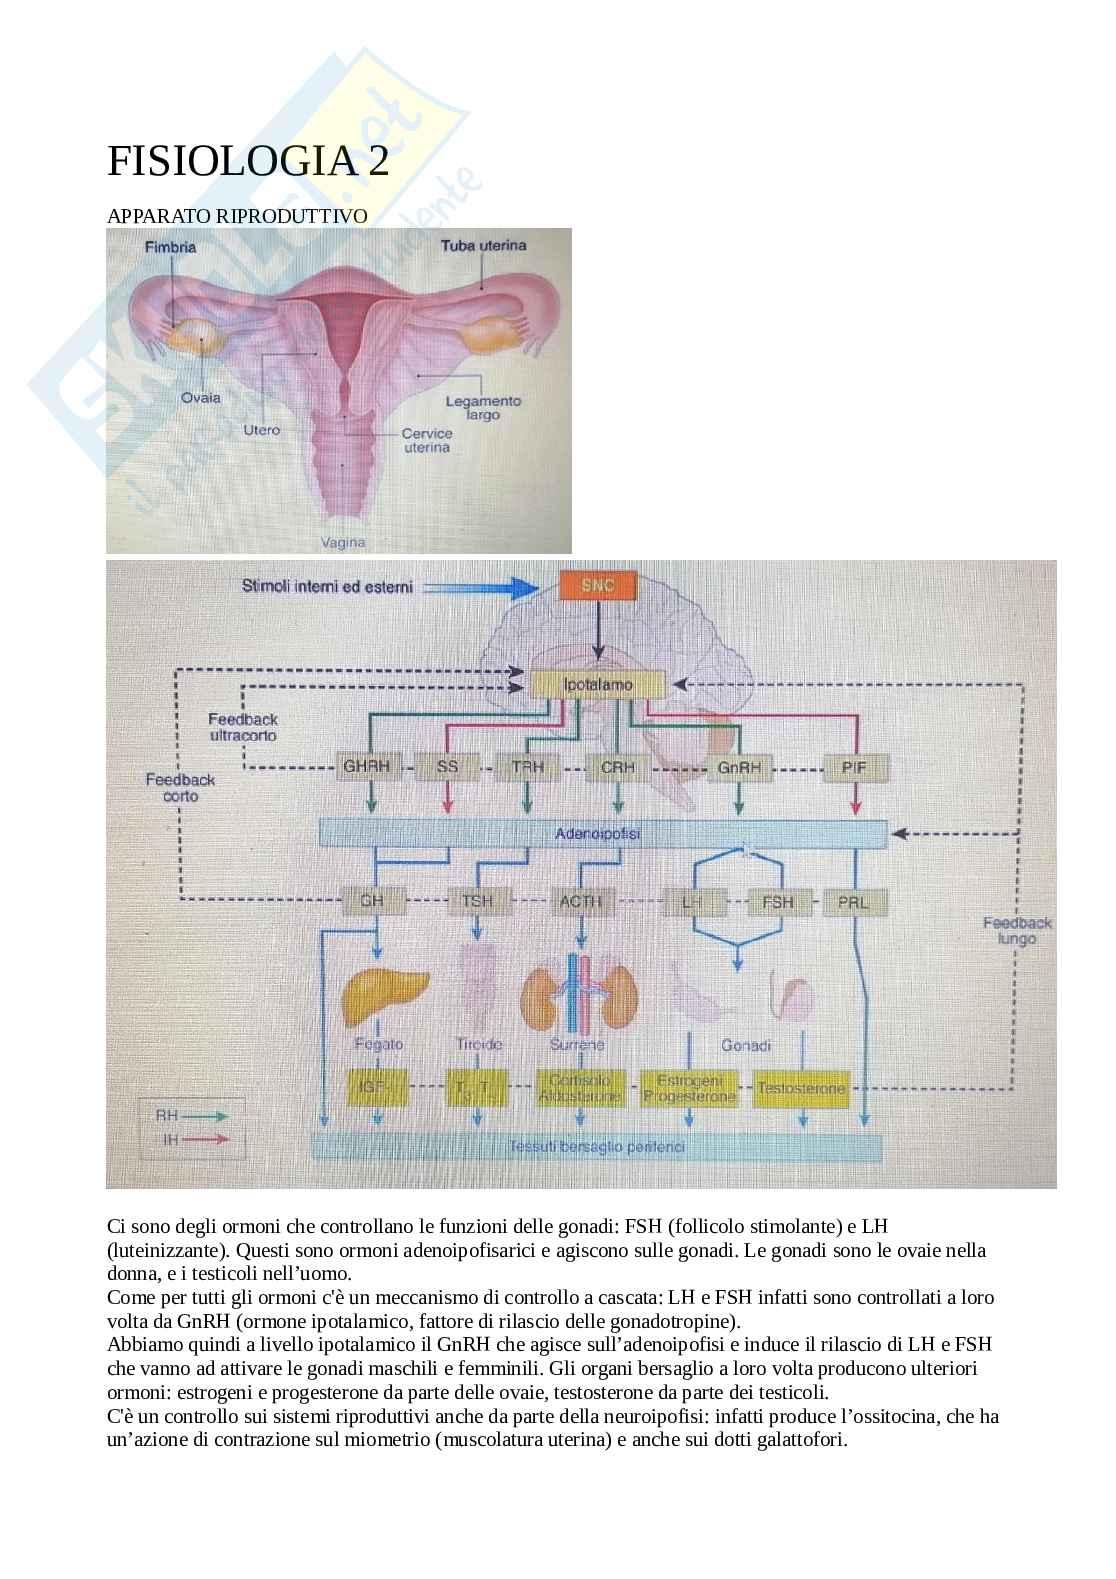 Fisiologia degli organi e degli apparati